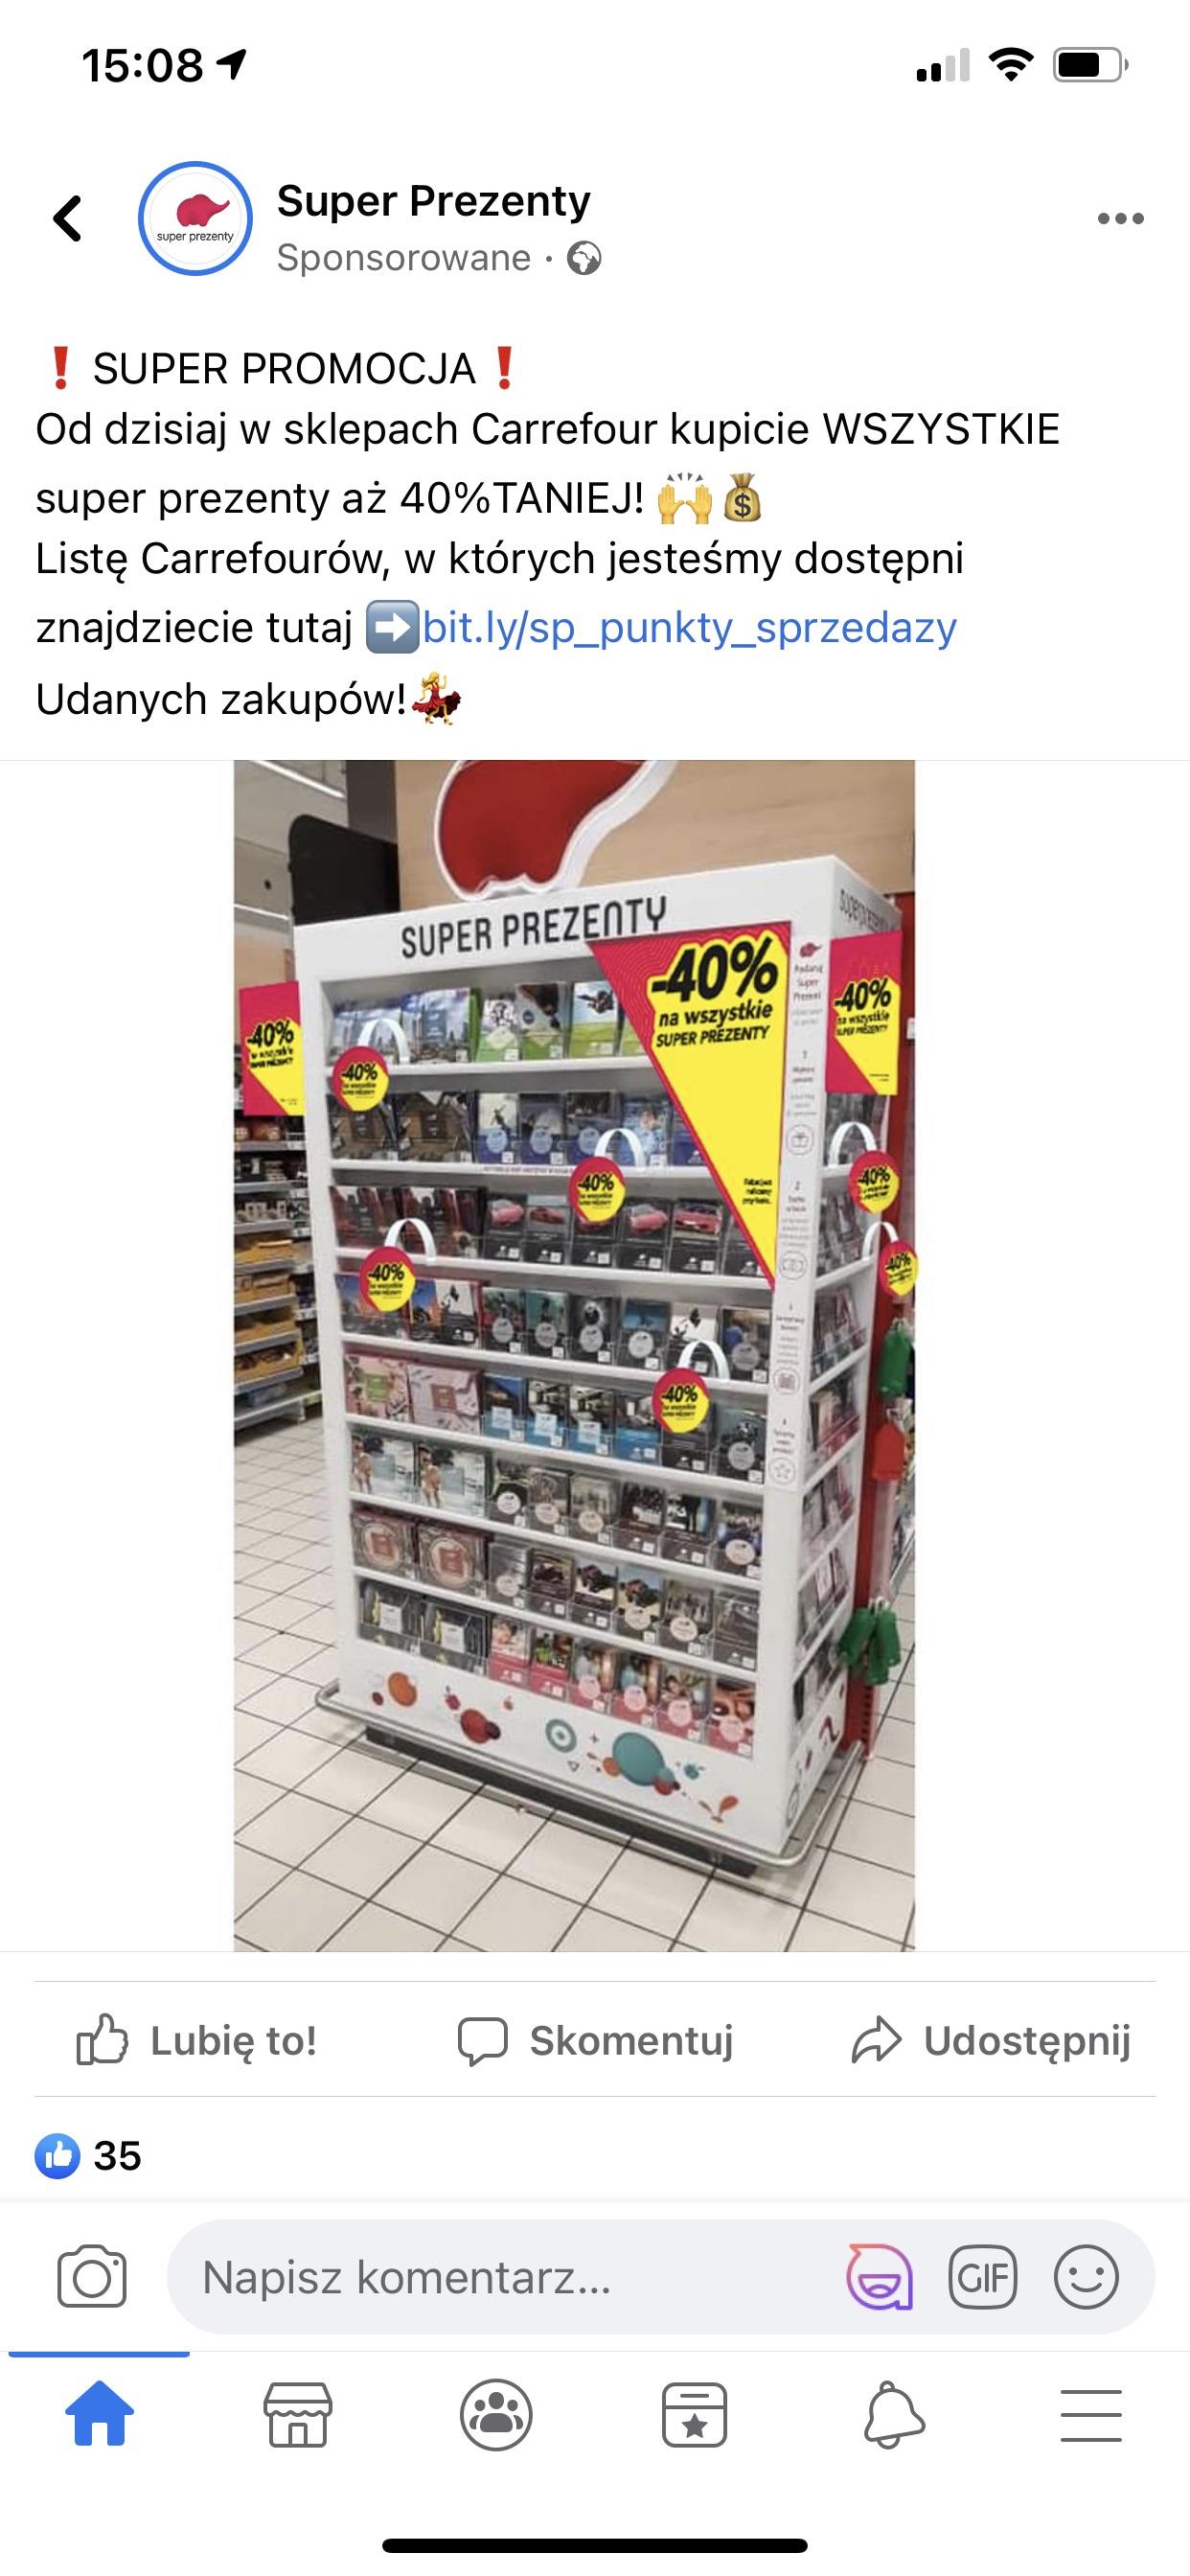 Superprezenty -40% w sklepach Carrefour